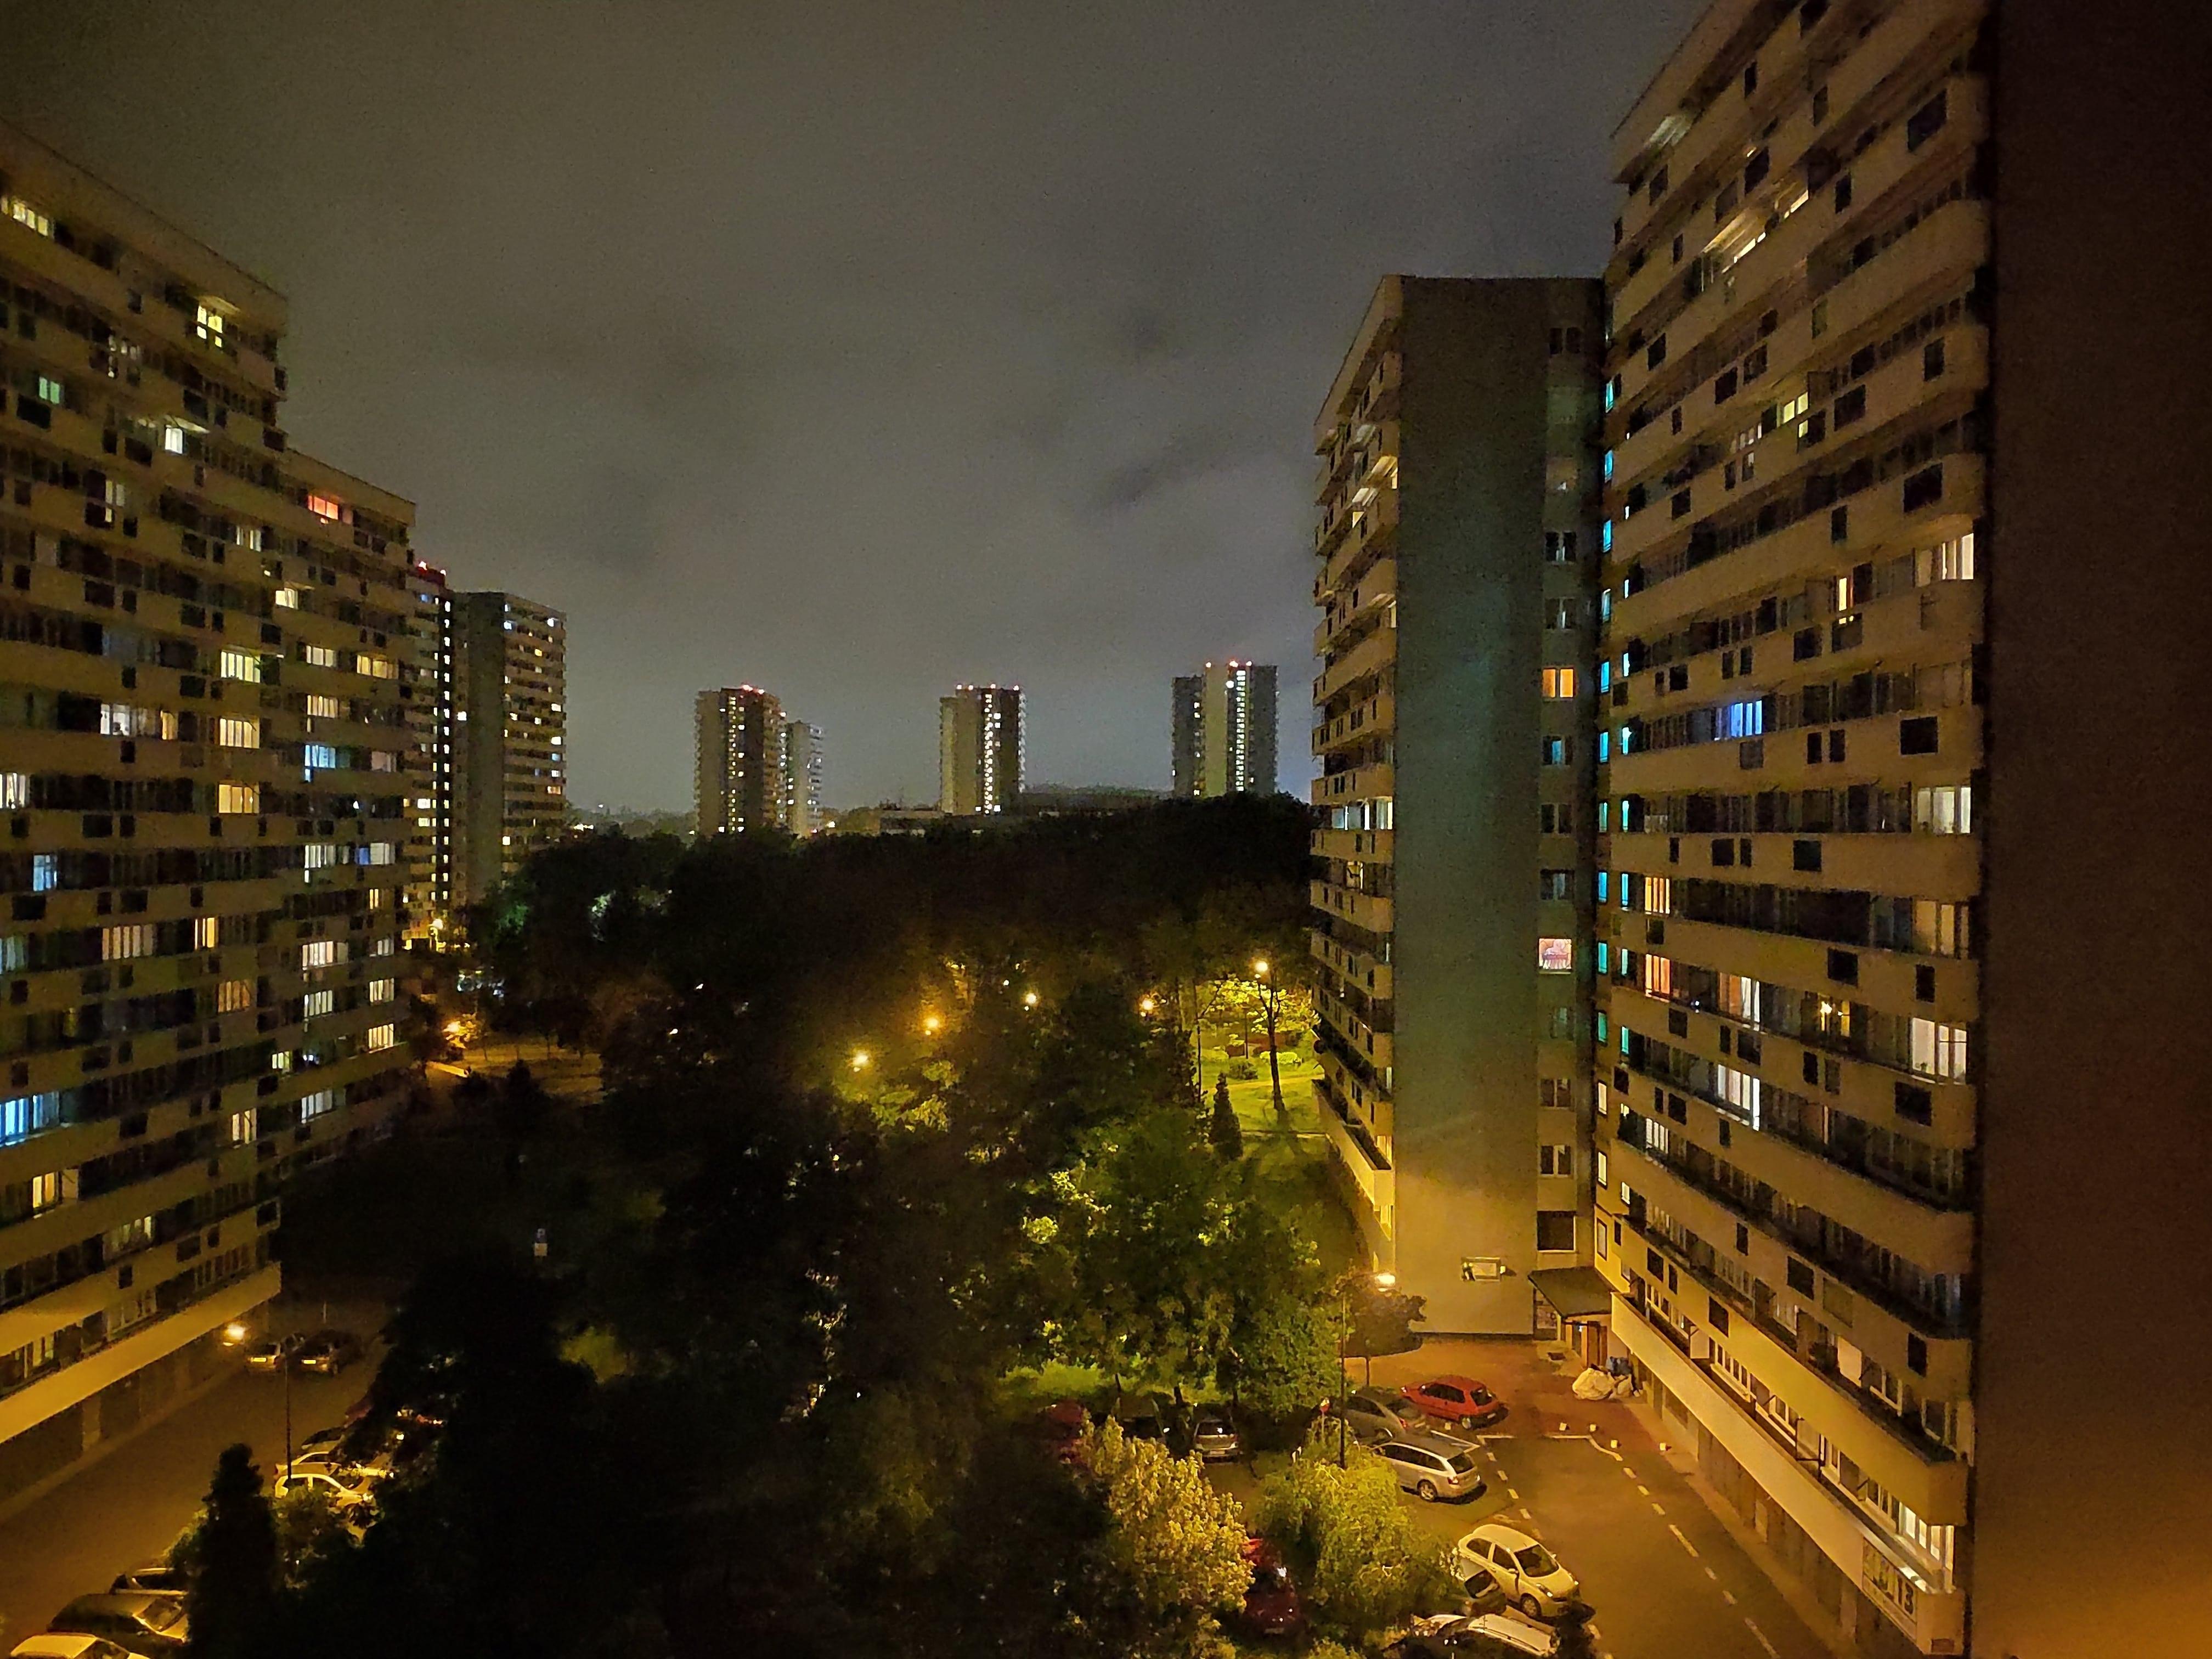 Zdjęcia nocne - Xiaomi Mi Mix 3